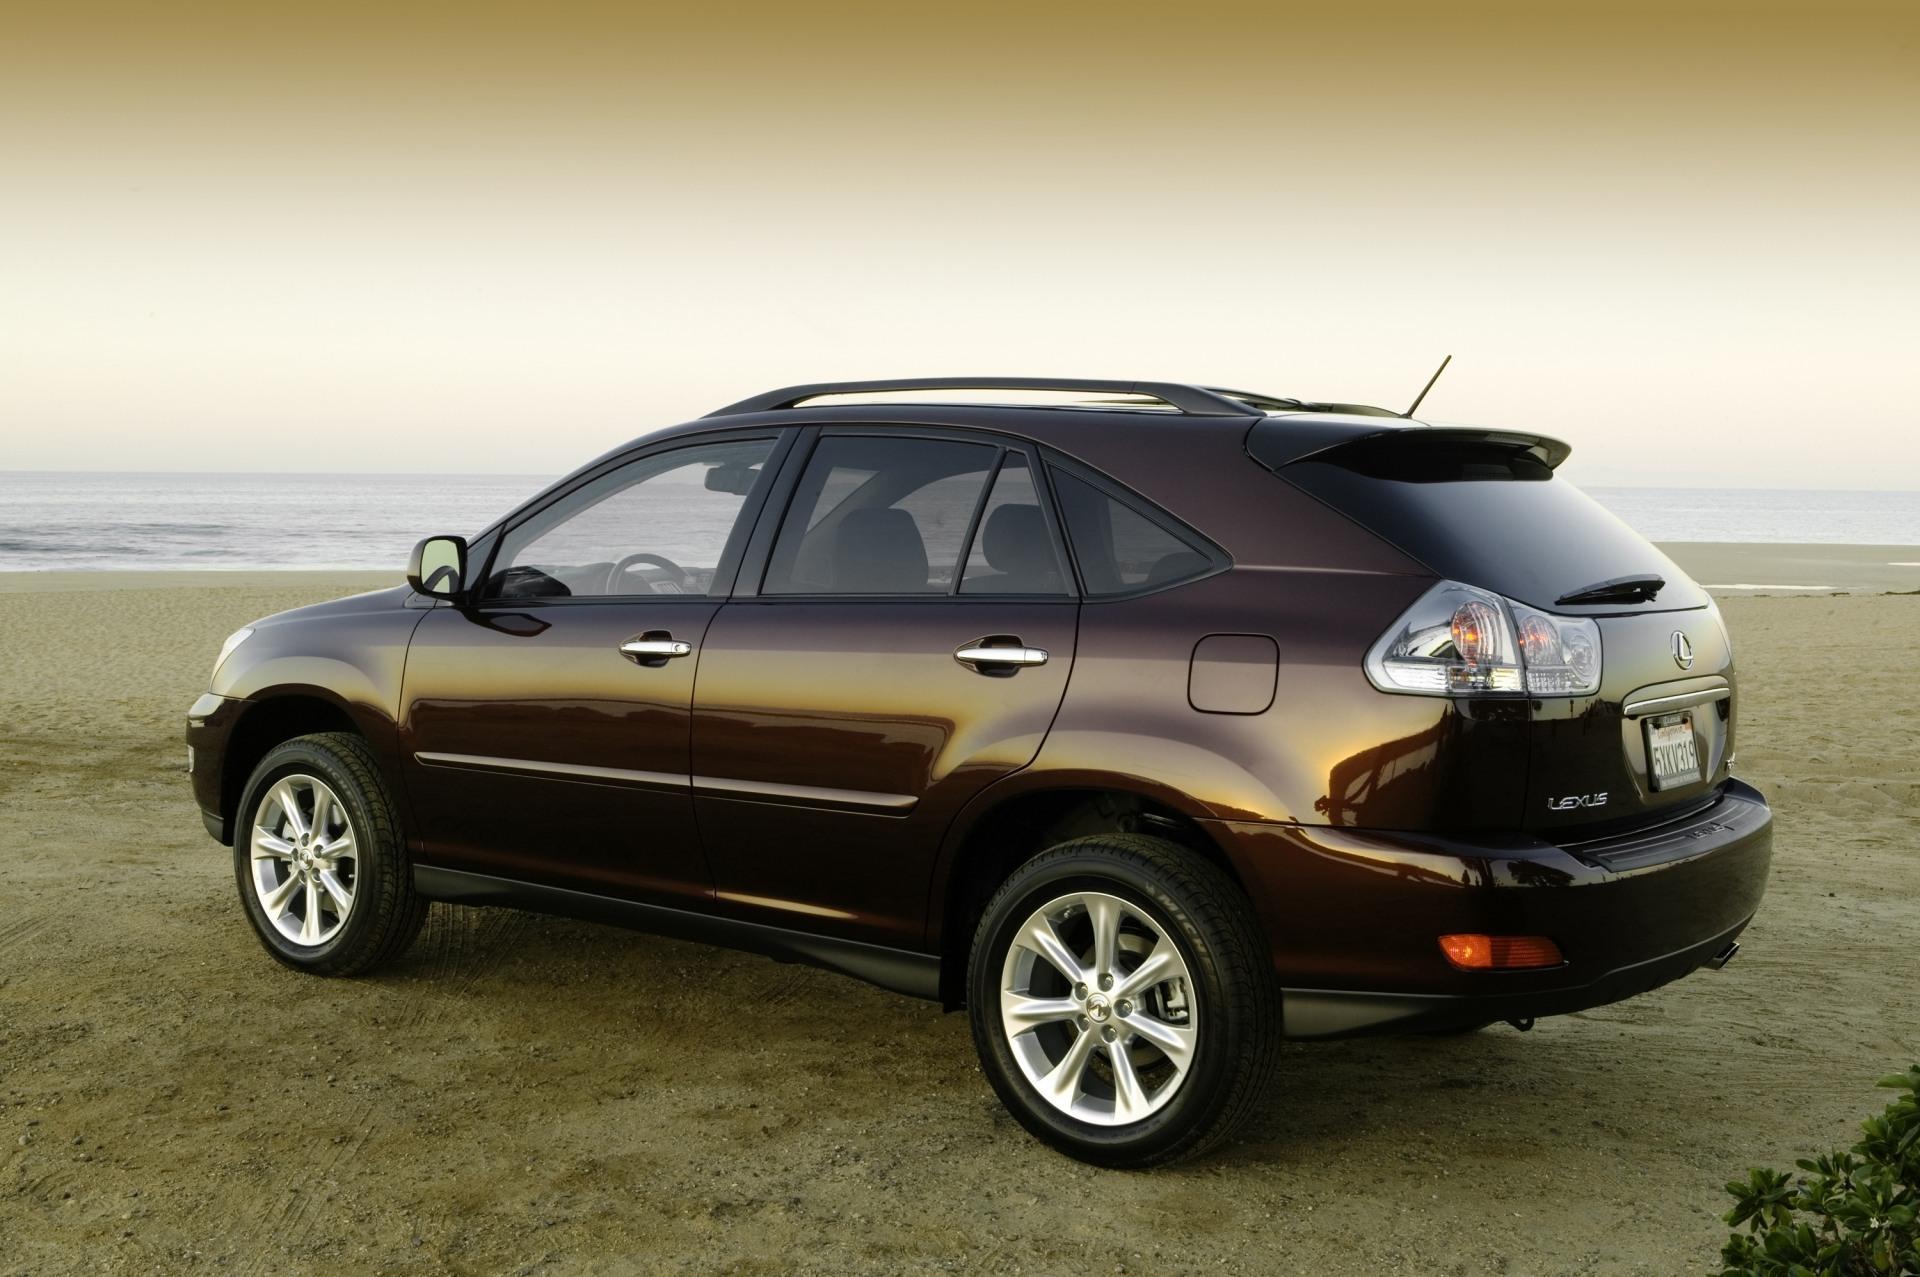 2009 Lexus RX 350 Desktop Wallpaper and High Resolution